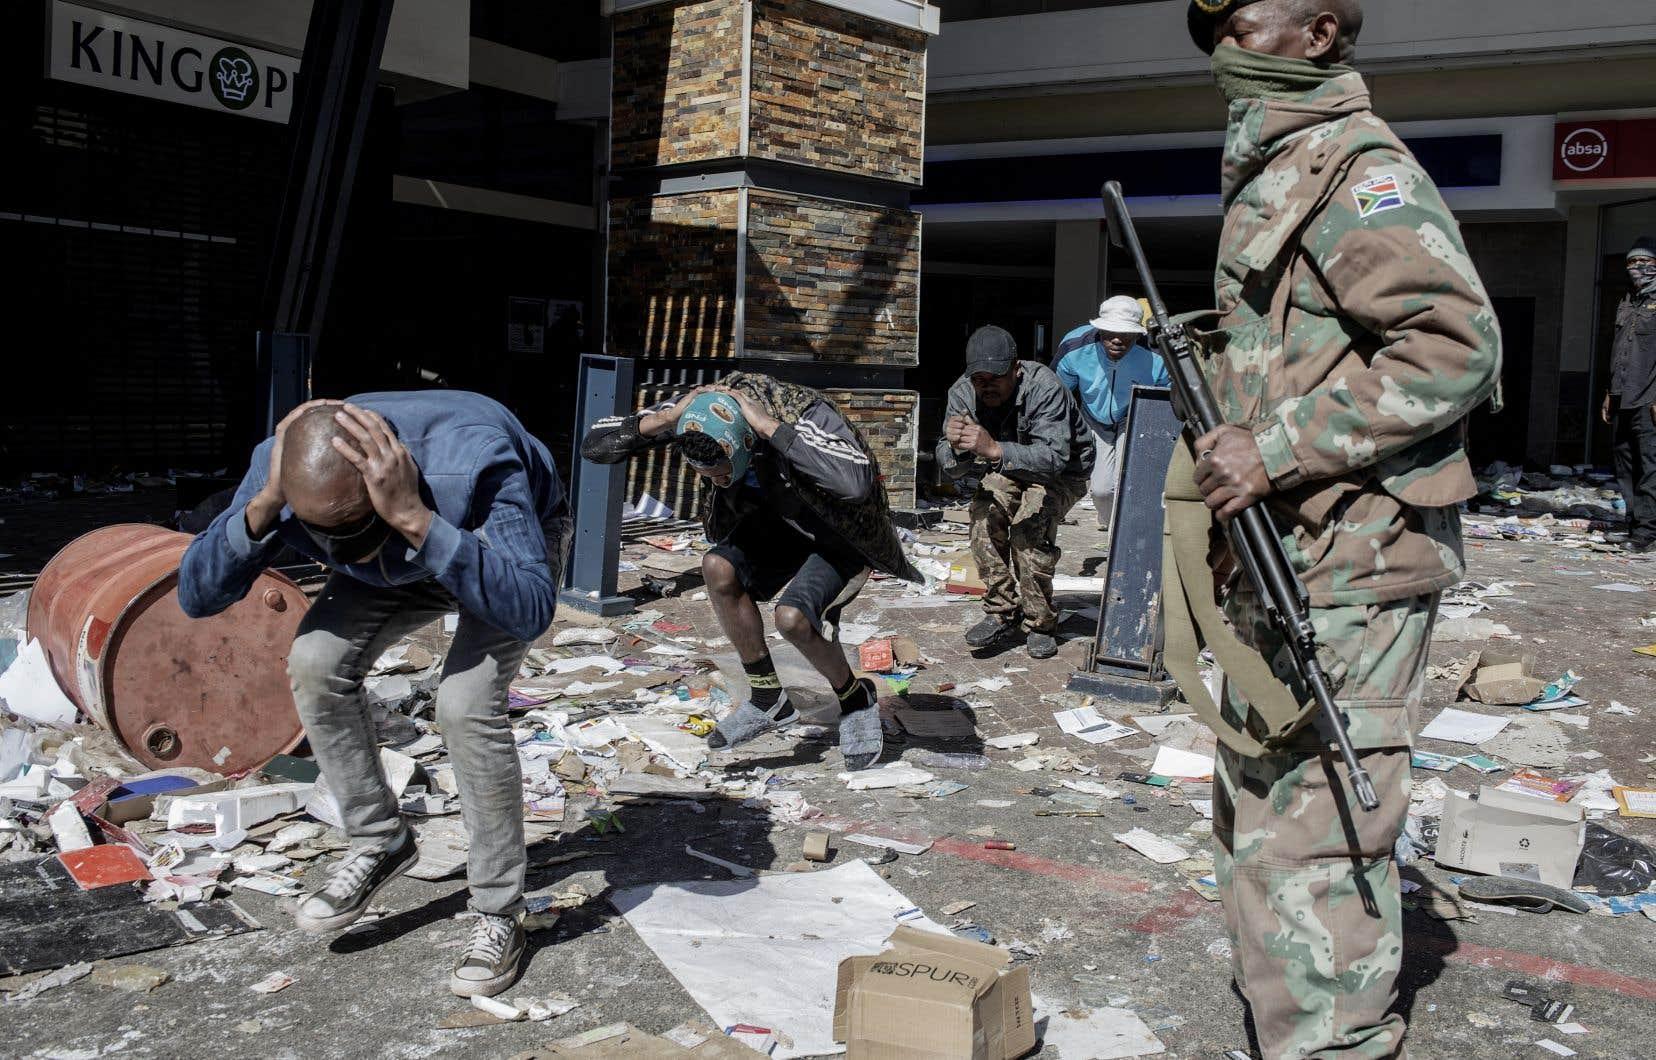 Le gouvernement a déployé des soldats dans deux provinces, y compris dans son centre économique de Johannesburg, pour aider la police à lutter contre les violences meurtrières et les pillages.